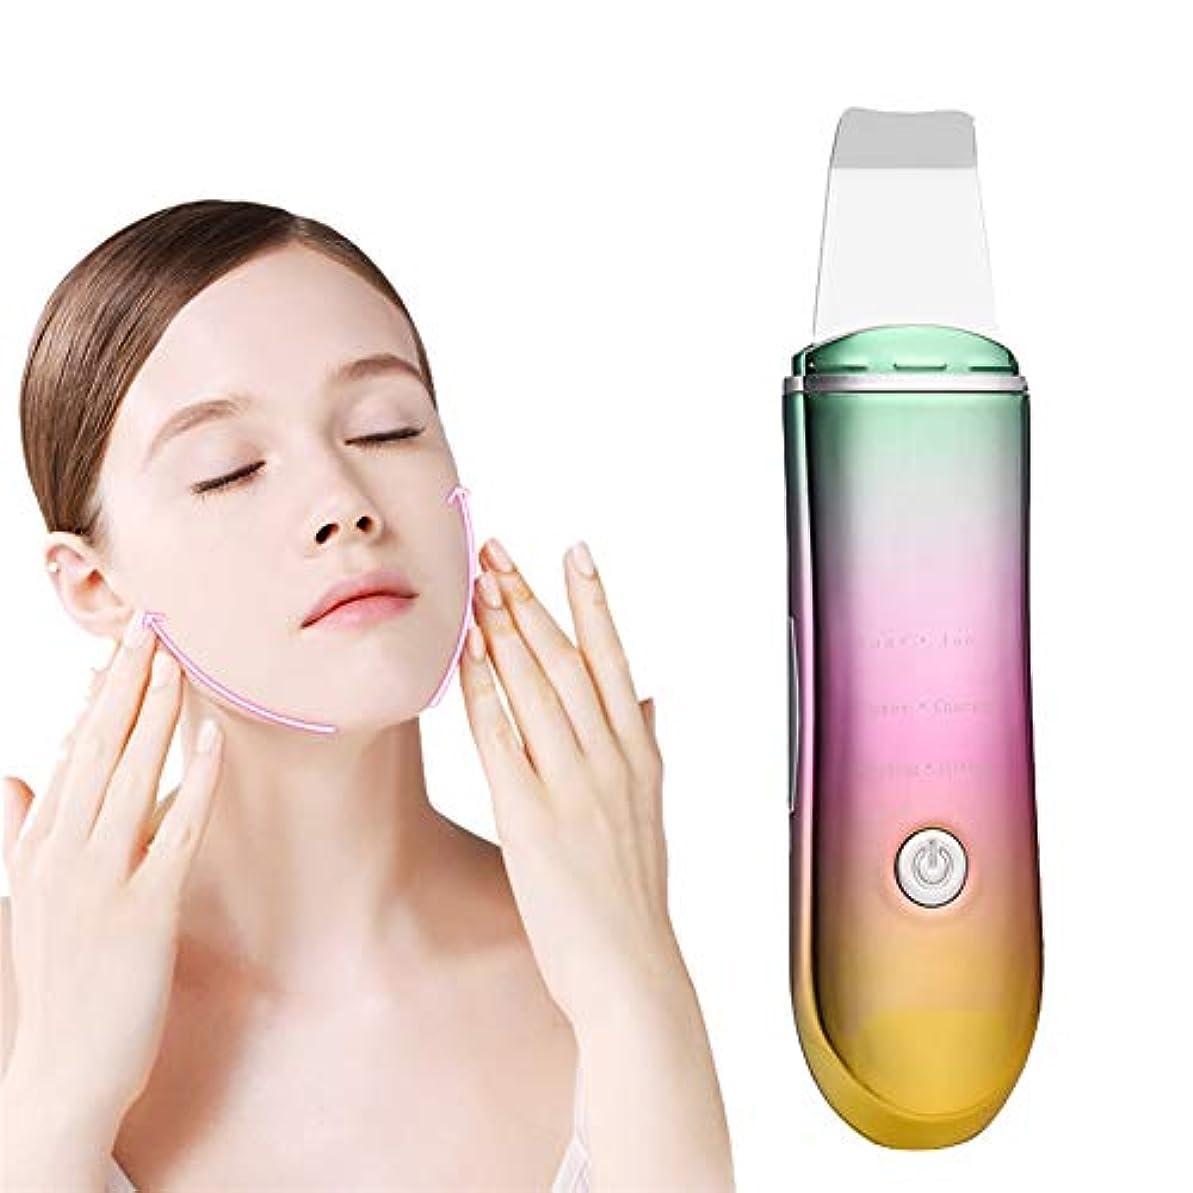 ビジョン治療修士号顔の皮膚クリーナー、充電式振動イオンスクラバー、顔のメイクアップリムーバーは、にきびブラックヘッドクリーナーを削除するには